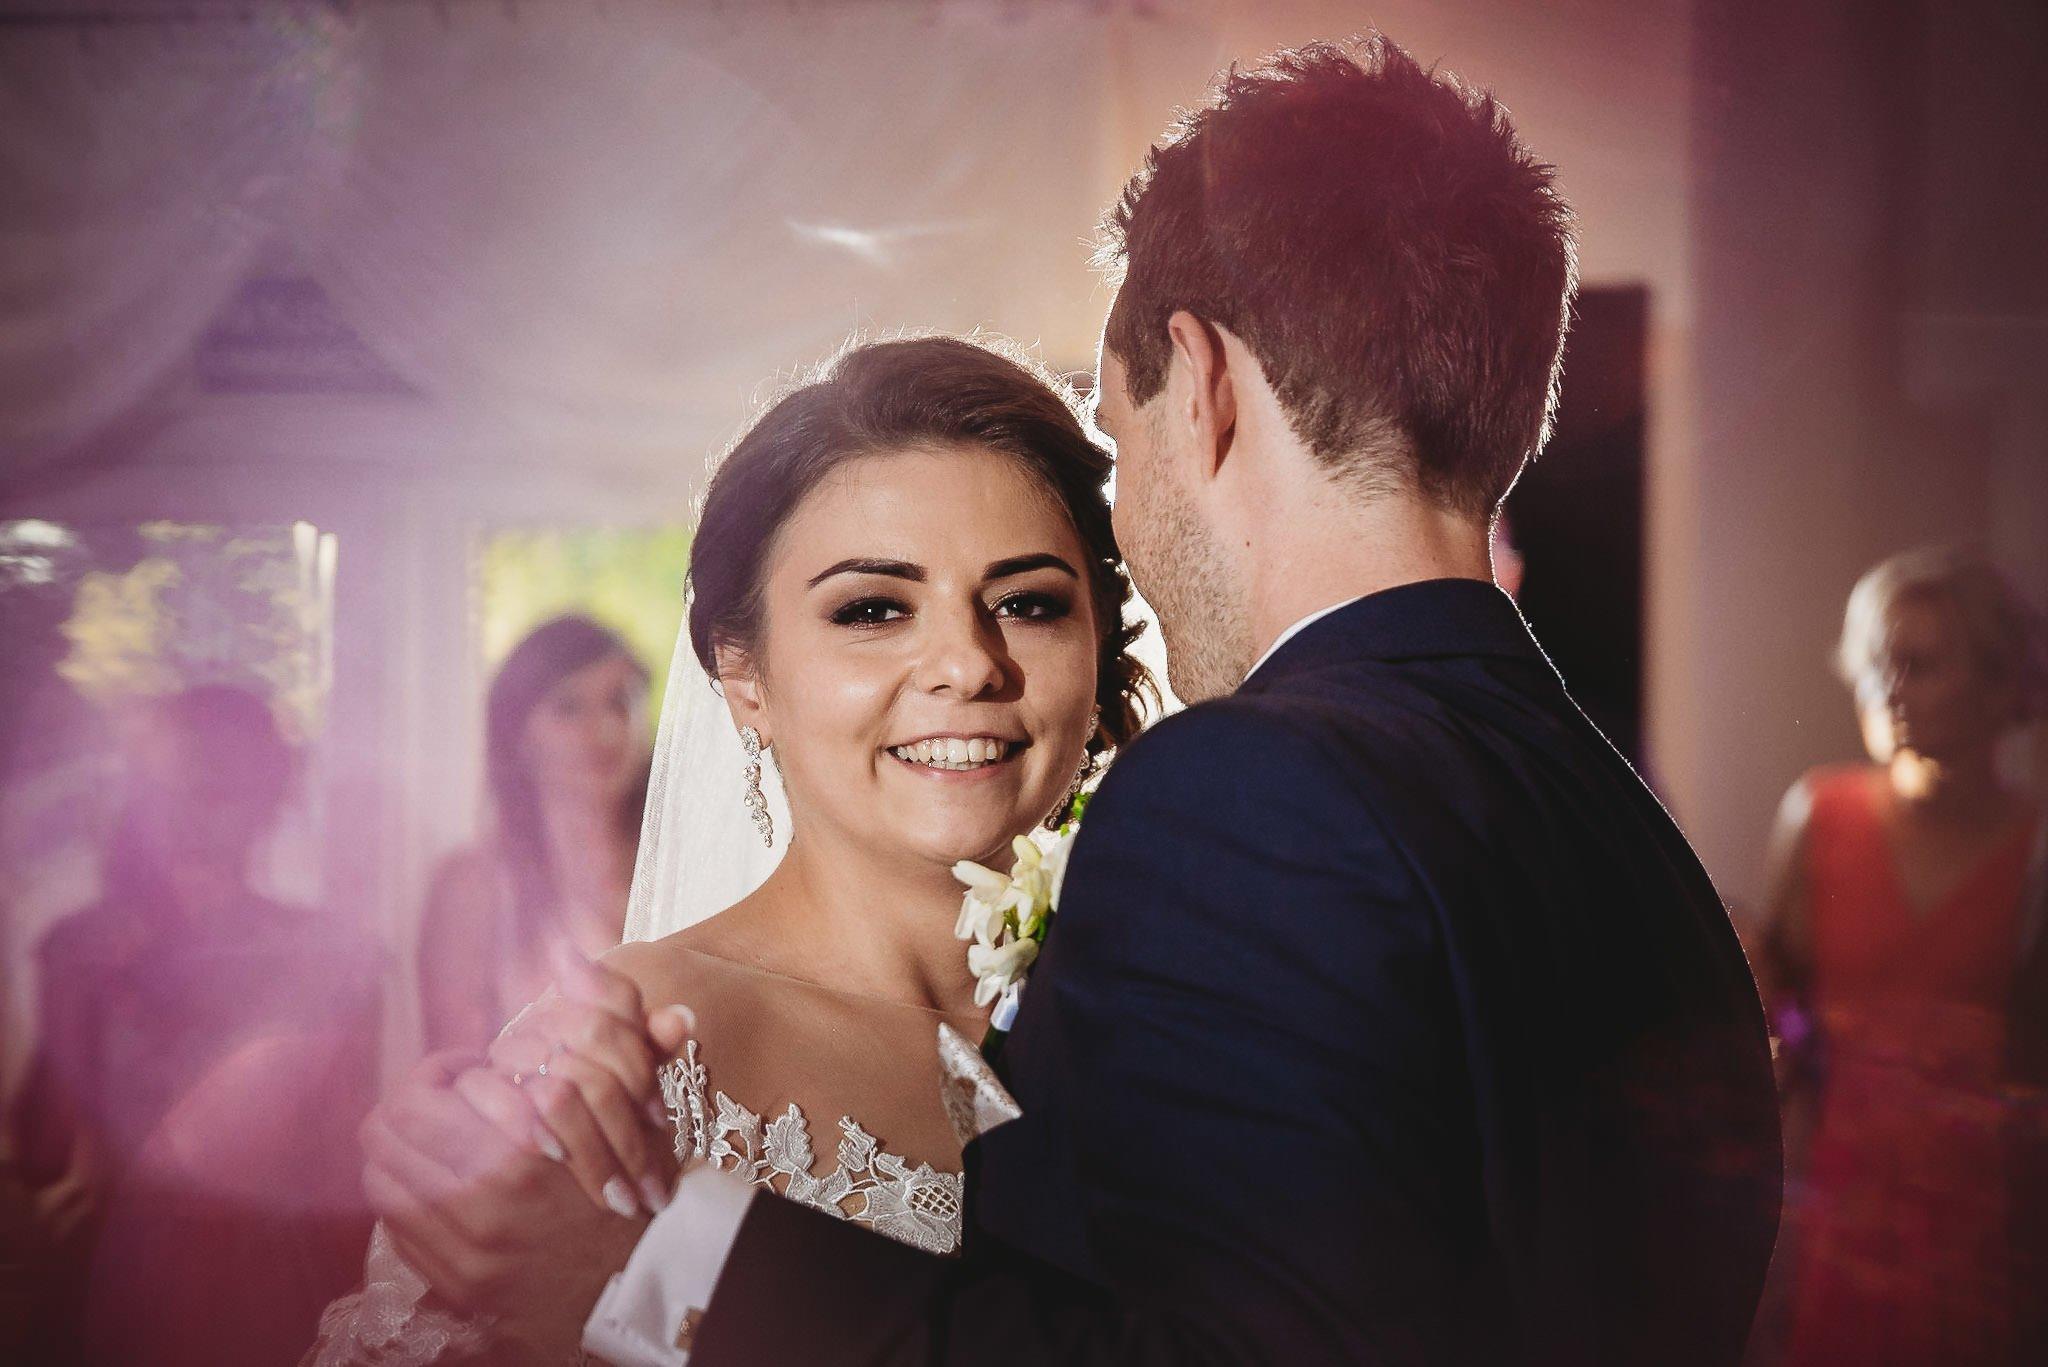 Angelika i Michał, piękne zdjęcia ślubne i sesja plenerowa w Gołuchowie 156